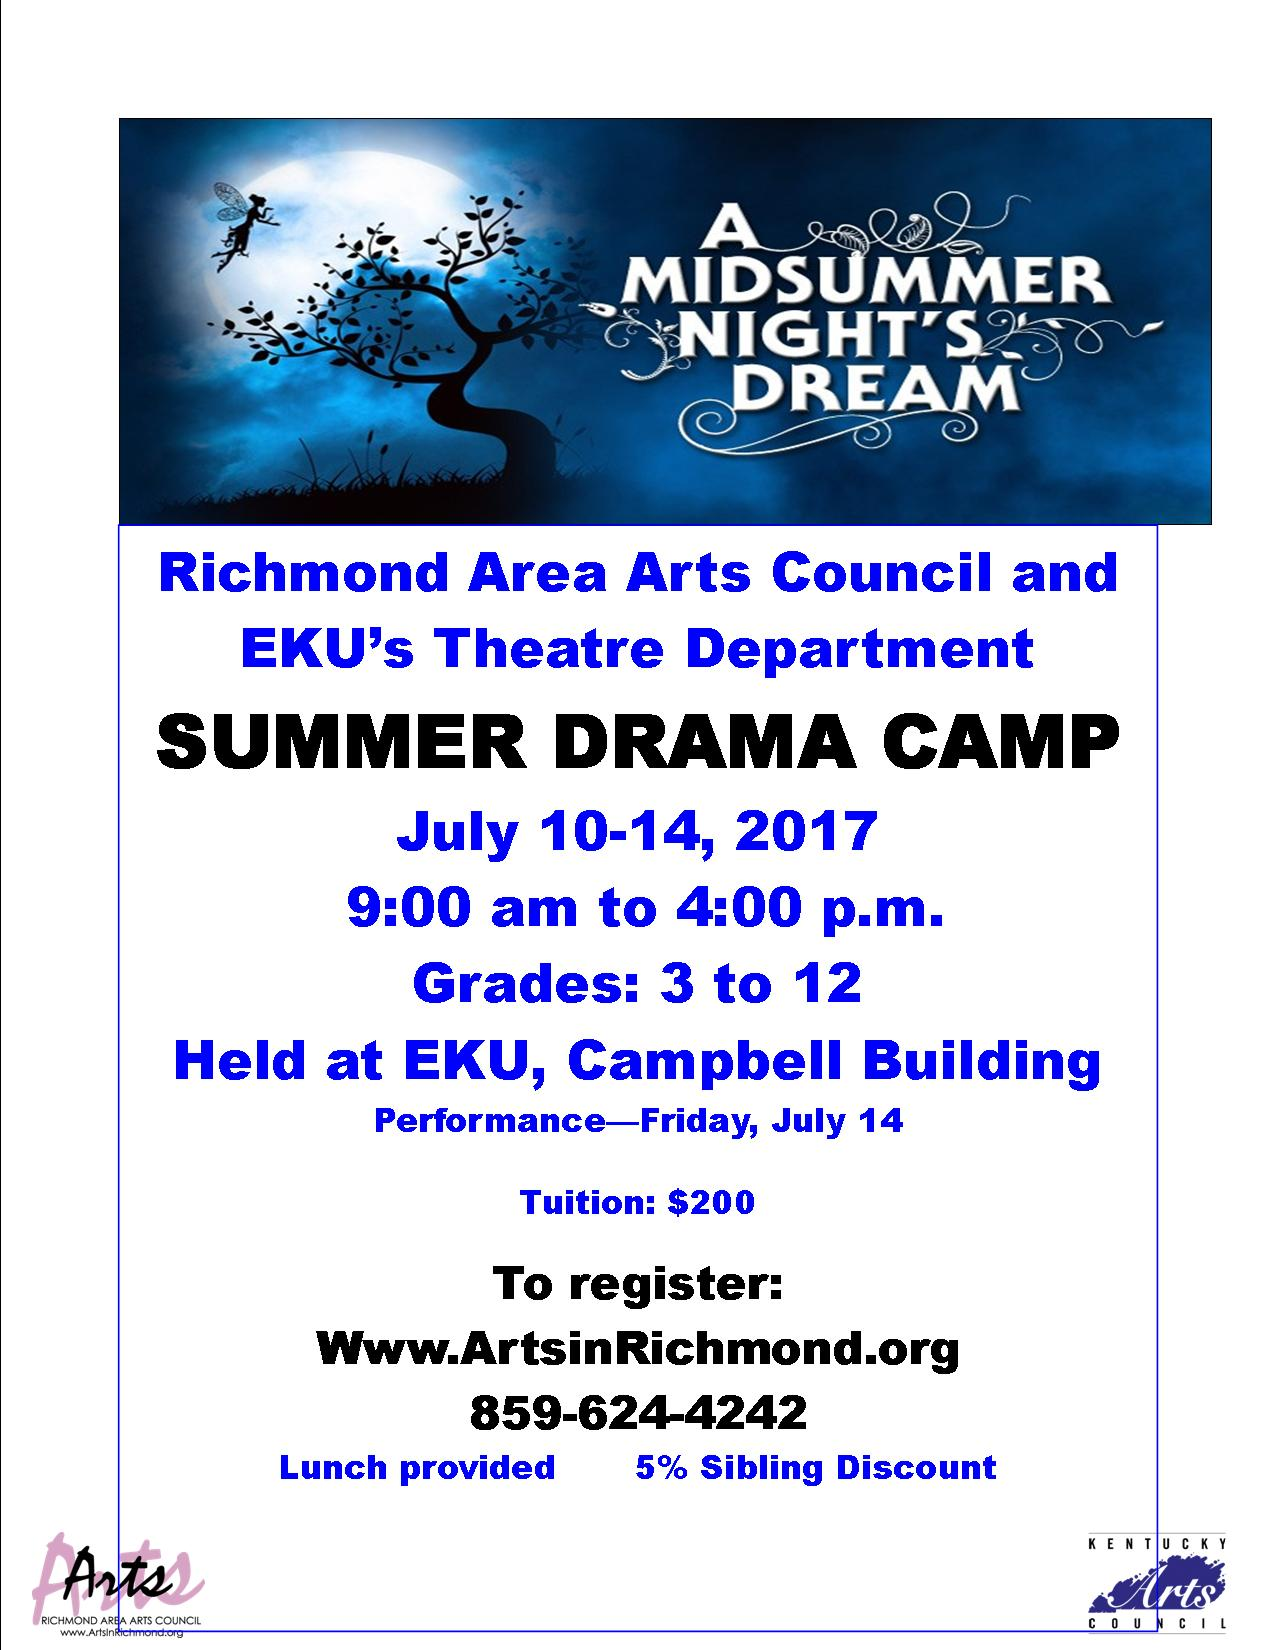 Summer Drama Camp